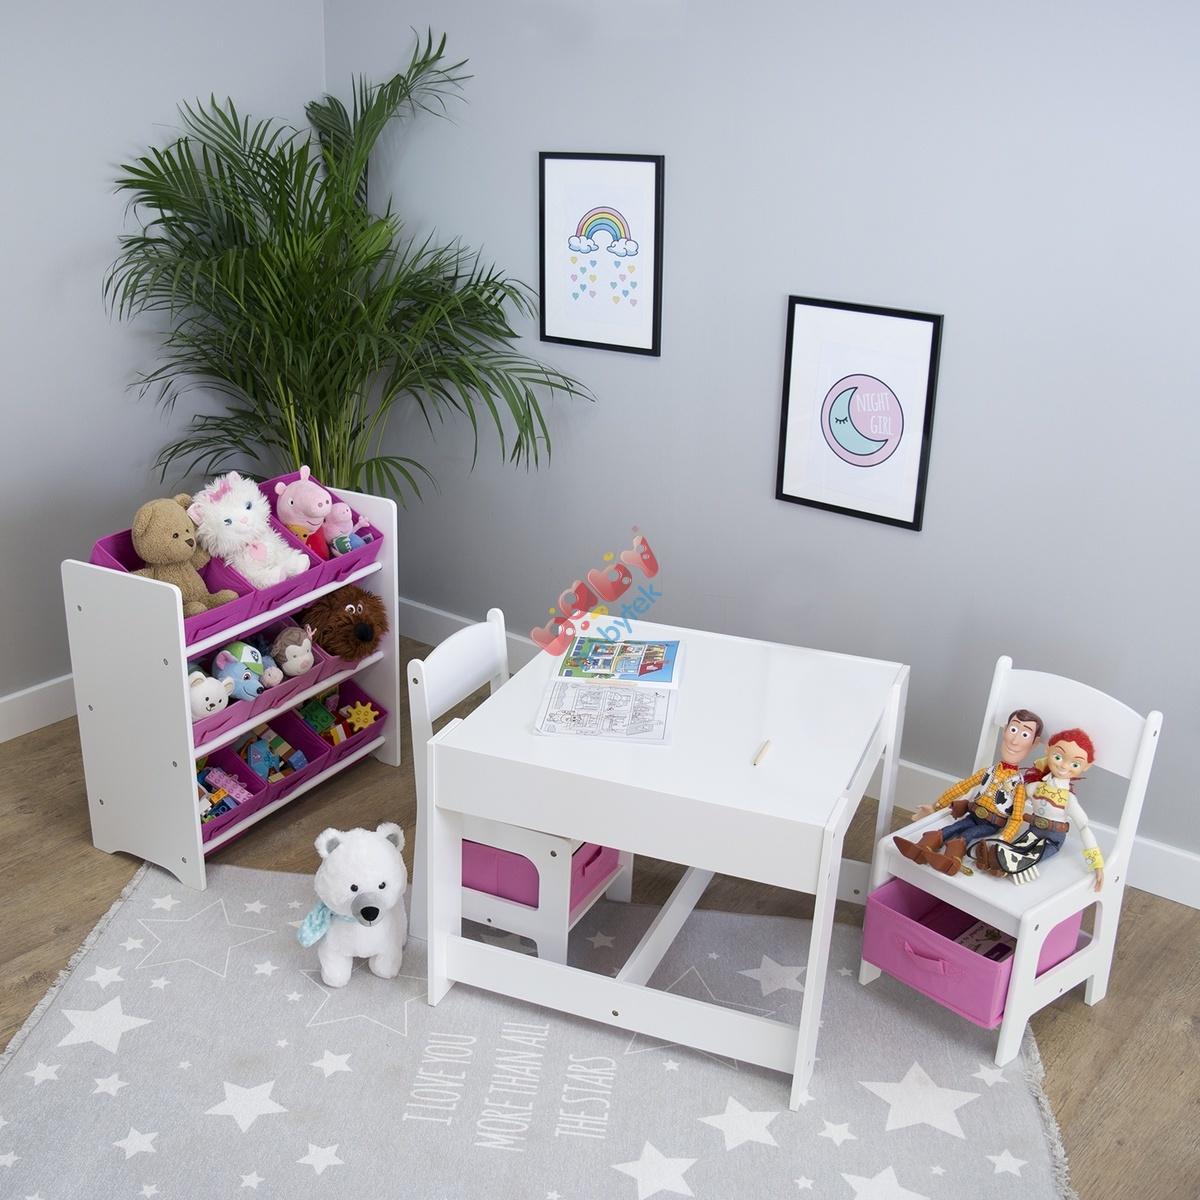 289c6af7d2f7 Ourbaby detský stôl so stoličkami s ružovými boxami - Detský stôl a ...